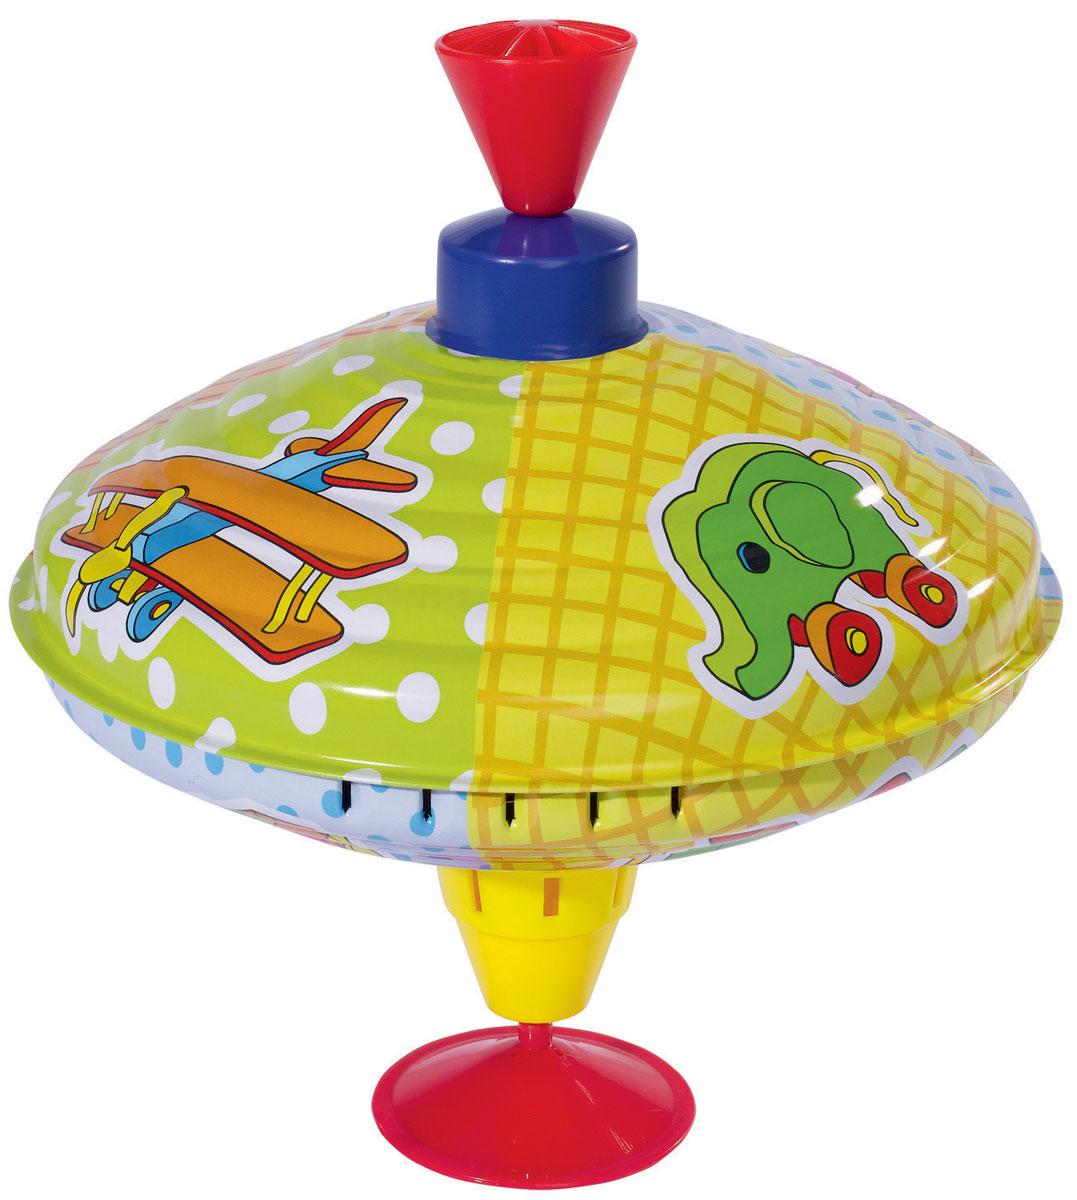 Simba Юла цвет желтый голубой4011891_желтый, голубойЯркая юла Simba станет для вашего малыша любимой игрушкой. Юла выполнена из безопасного материала в яркой цветовой гамме и оформлена различными изображениями. Раскручивается юла посредством нажатия на ручку. При вращении юла издает приятный звук. Юла - динамическая игрушка для самых маленьких, которая стимулирует познавательную активность, развивает наглядно-действенное мышление, координацию движений и мелкую моторику рук. Порадуйте своего непоседу таким великолепным подарком!